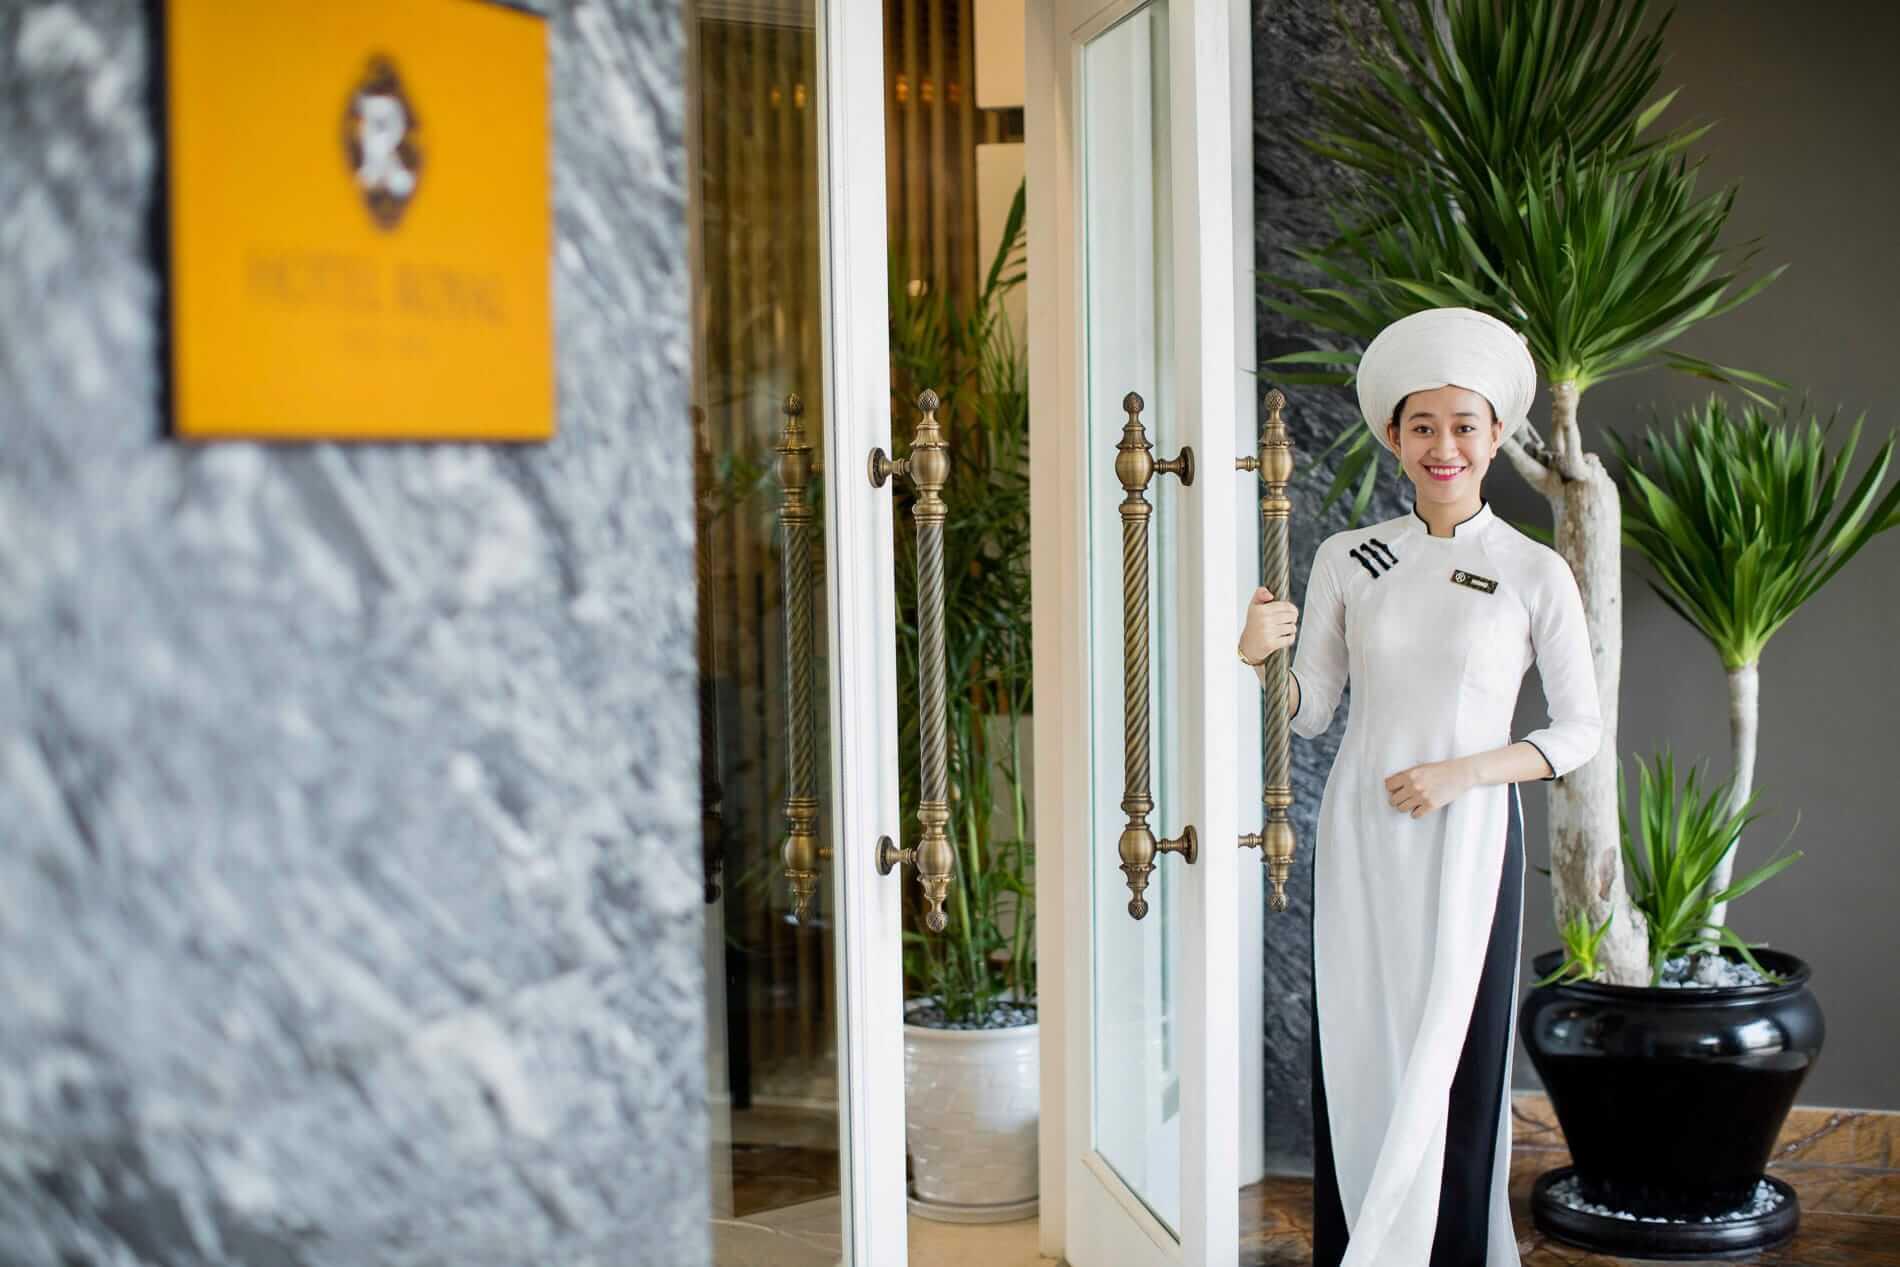 Welcoming guests at Hotel Royal Hoi An